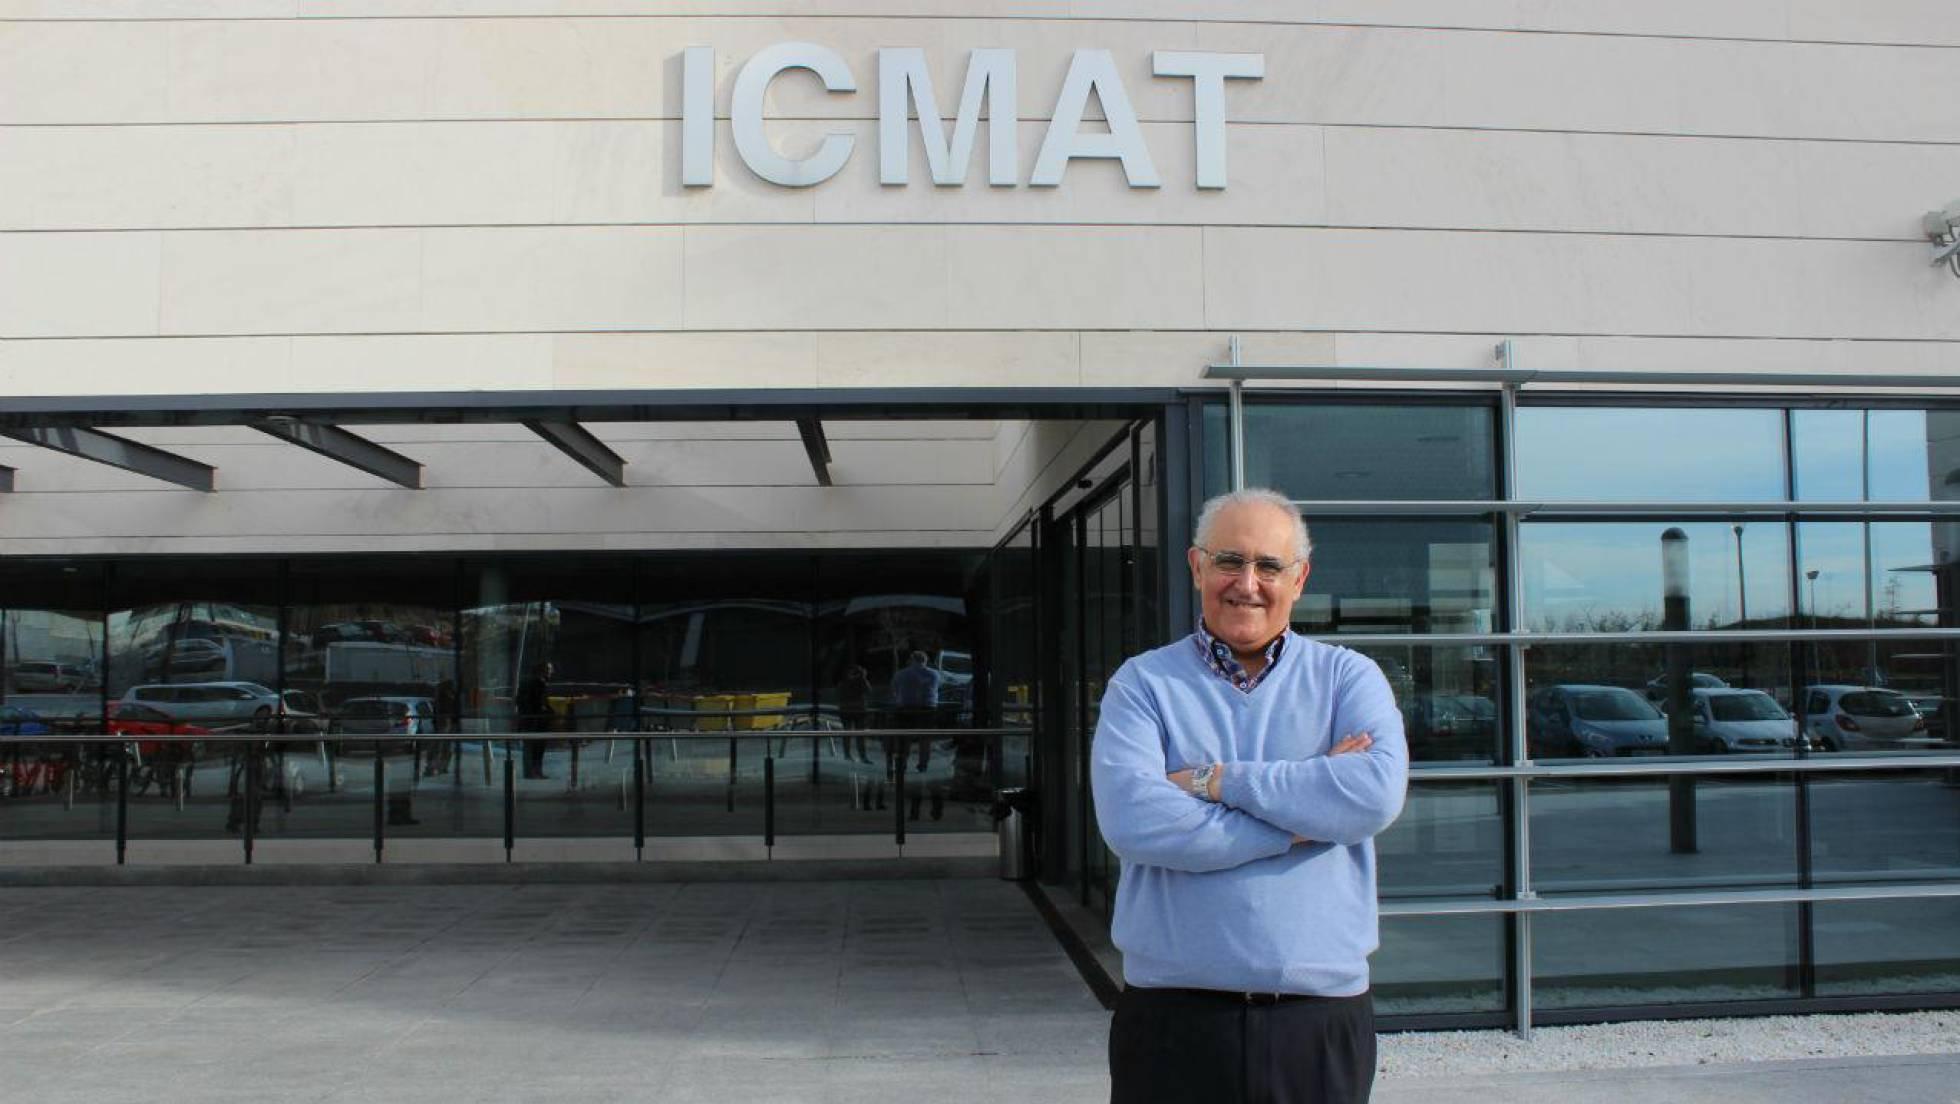 El Tribunal Superior de Justicia de Madrid obliga a readmitir al director del Instituto de Ciencias Matemáticas (ICMAT) del CSIC. 1494286952_473287_1494288141_noticia_normal_recorte1